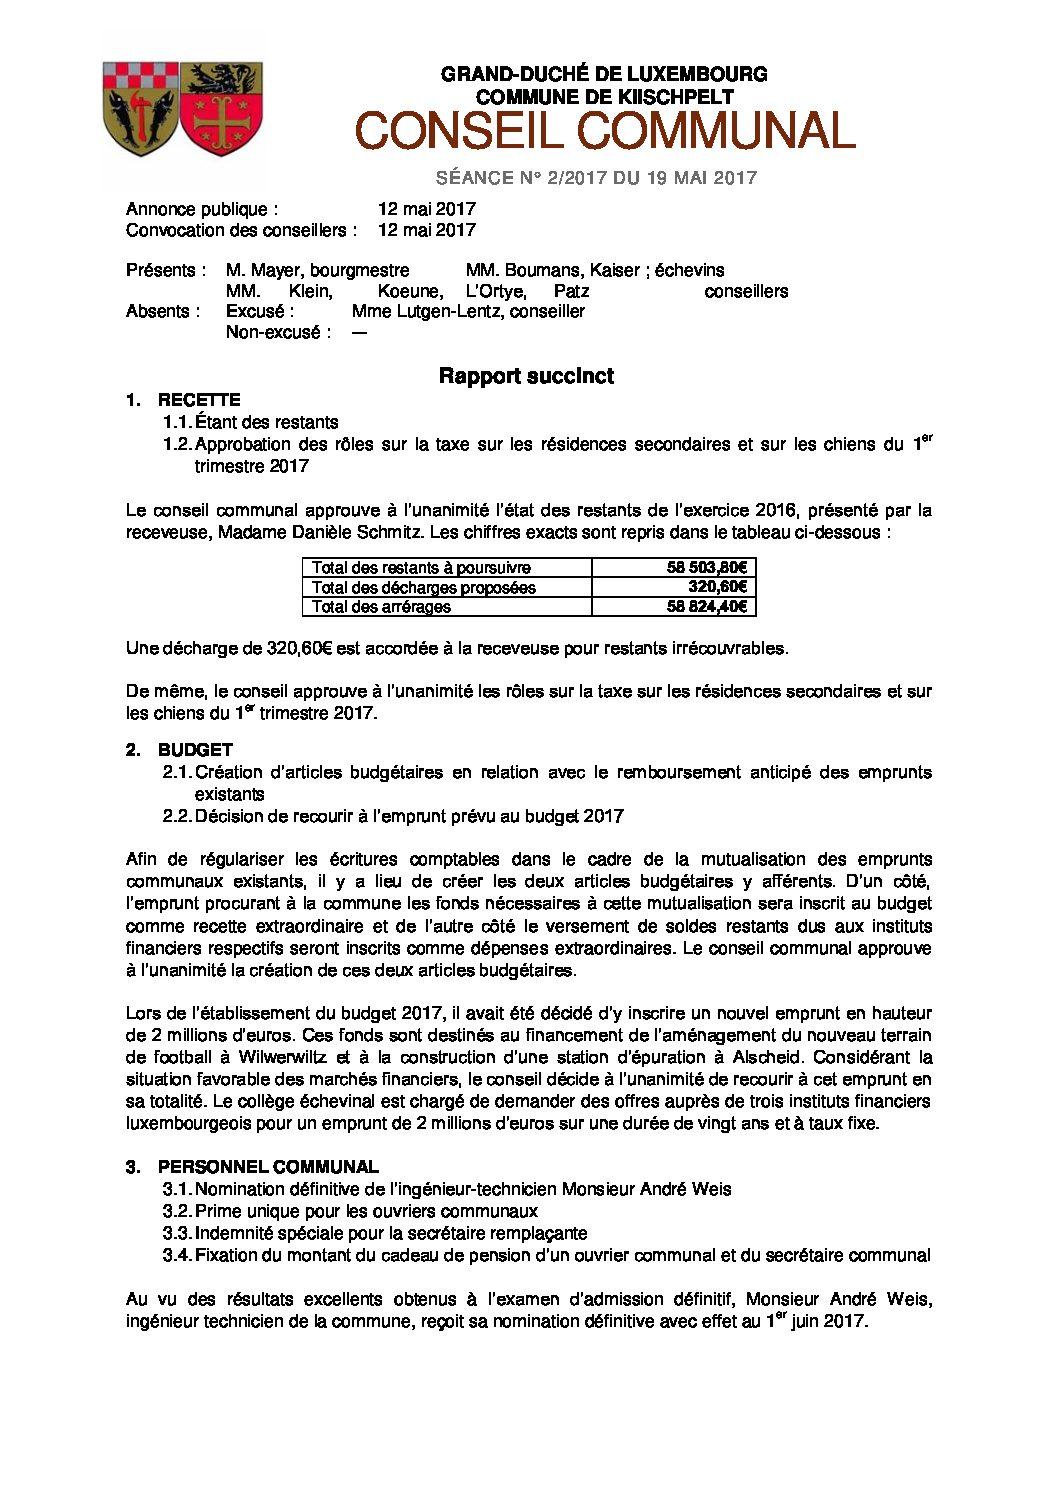 Rapport du conseil communal du 13 mars 2017